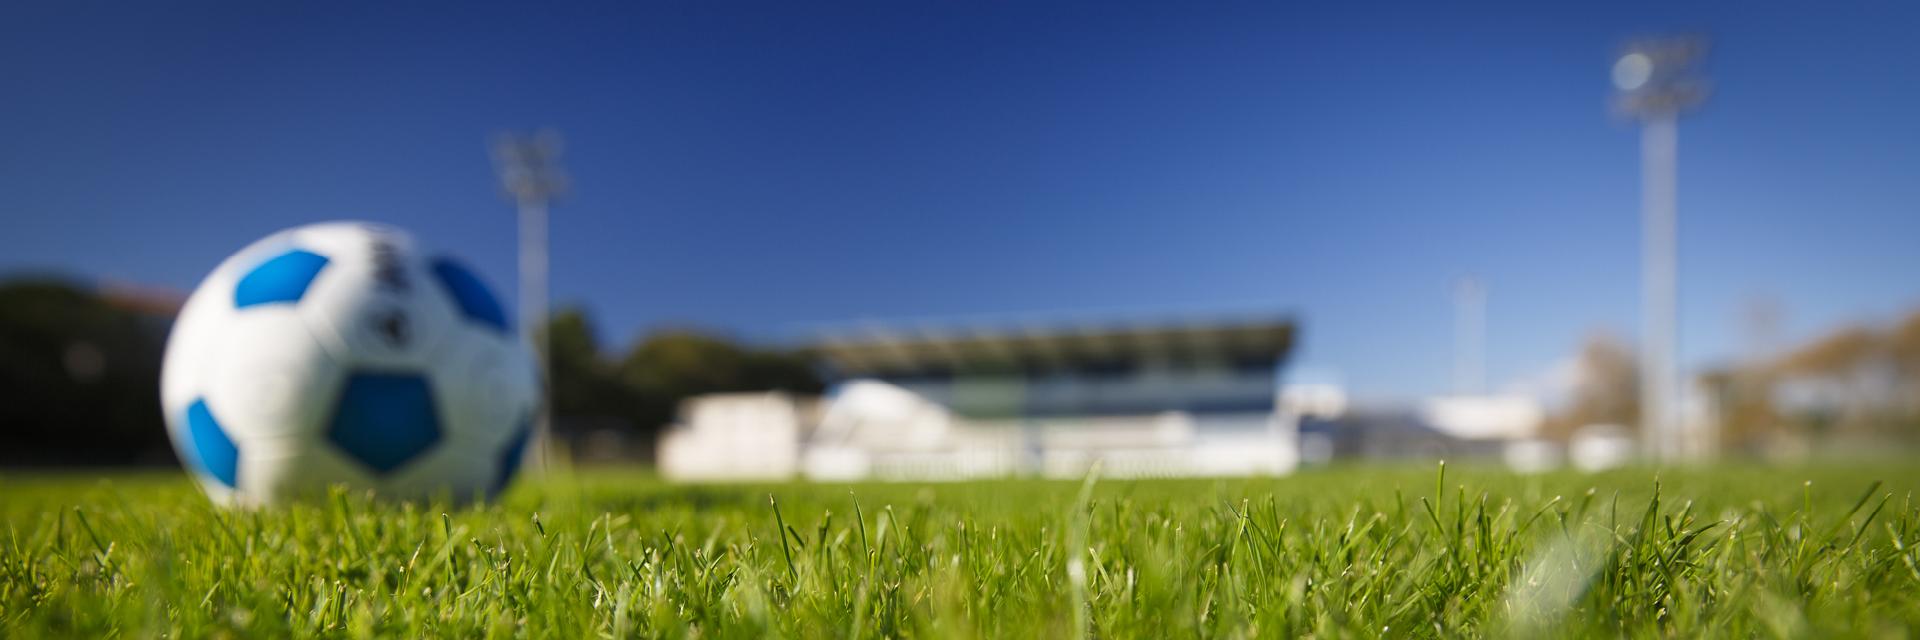 Stade balon de football